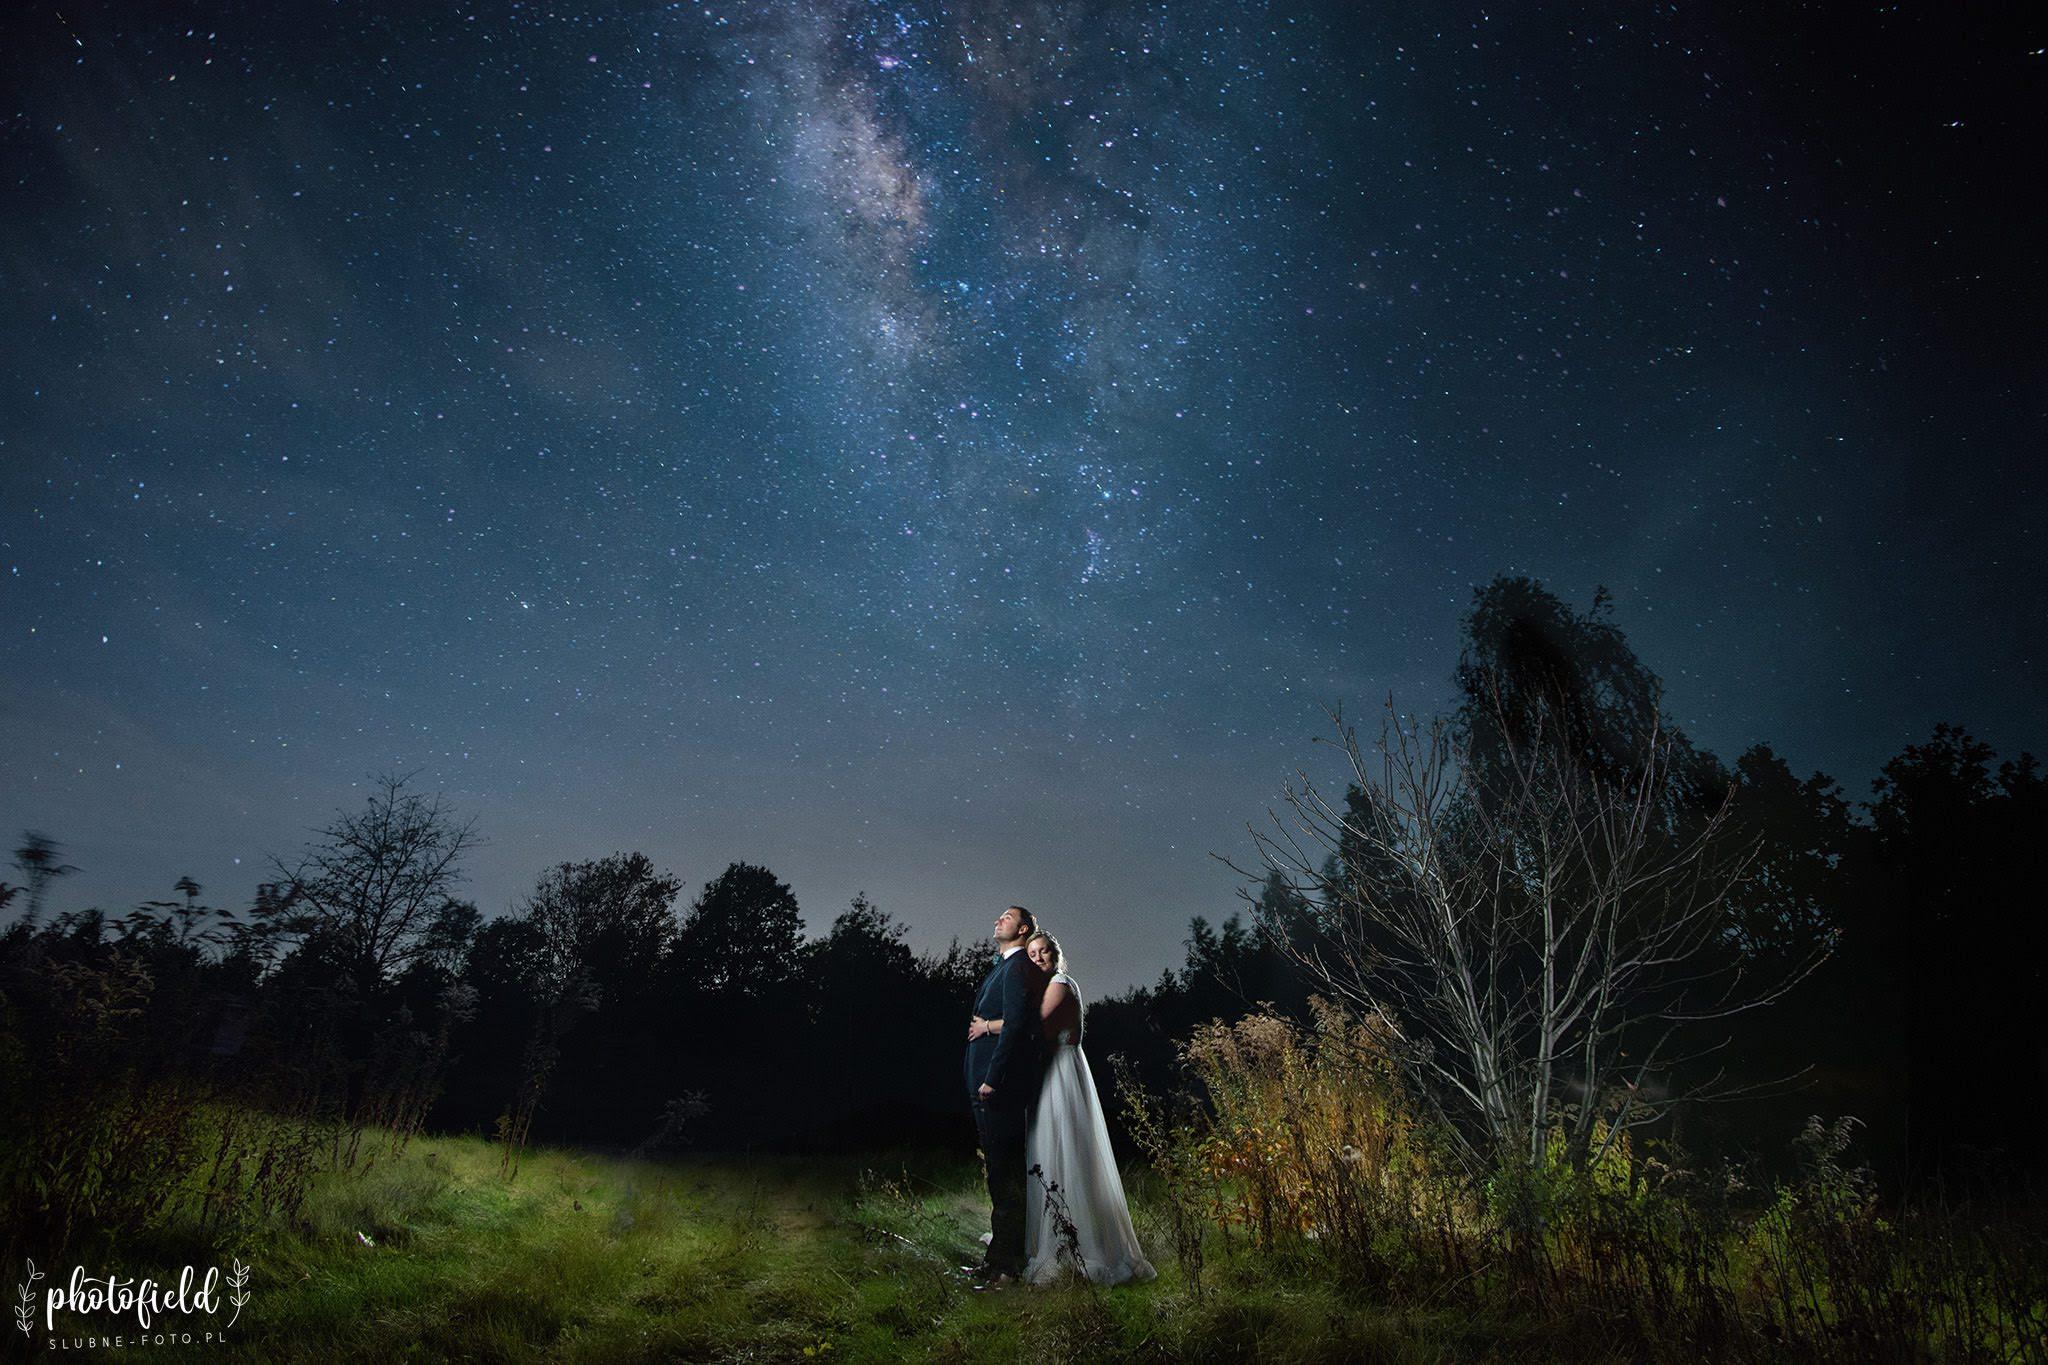 Sesja Ślubna pod gwiazdami